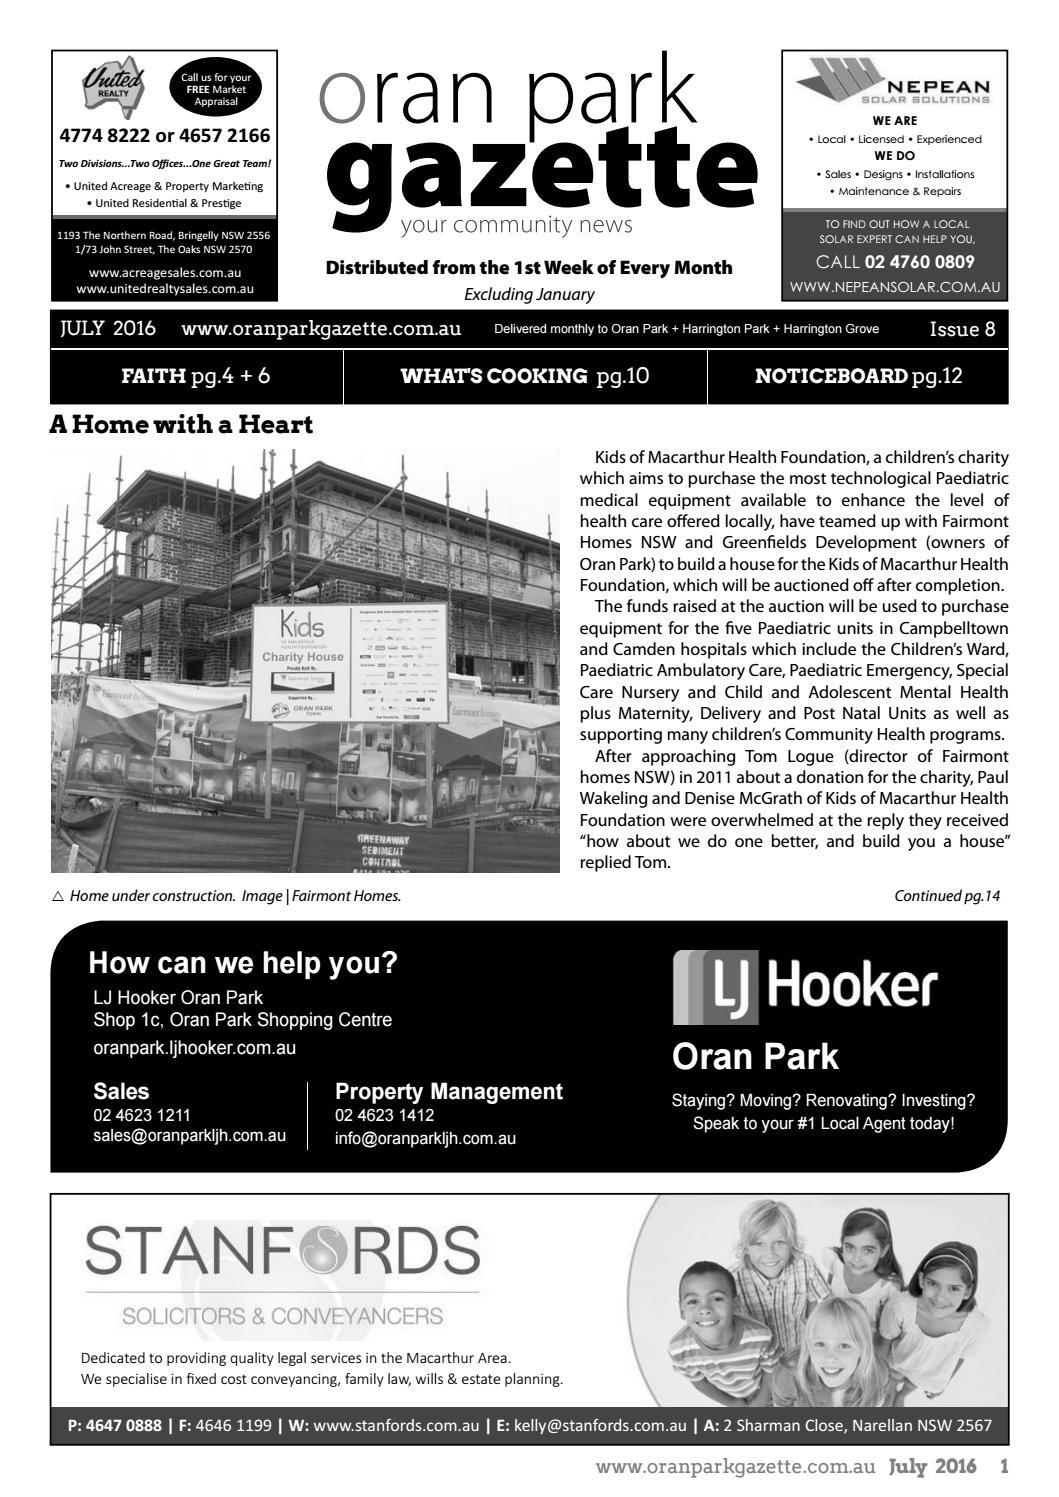 Oran Park Gazette July 2016 By Disrict